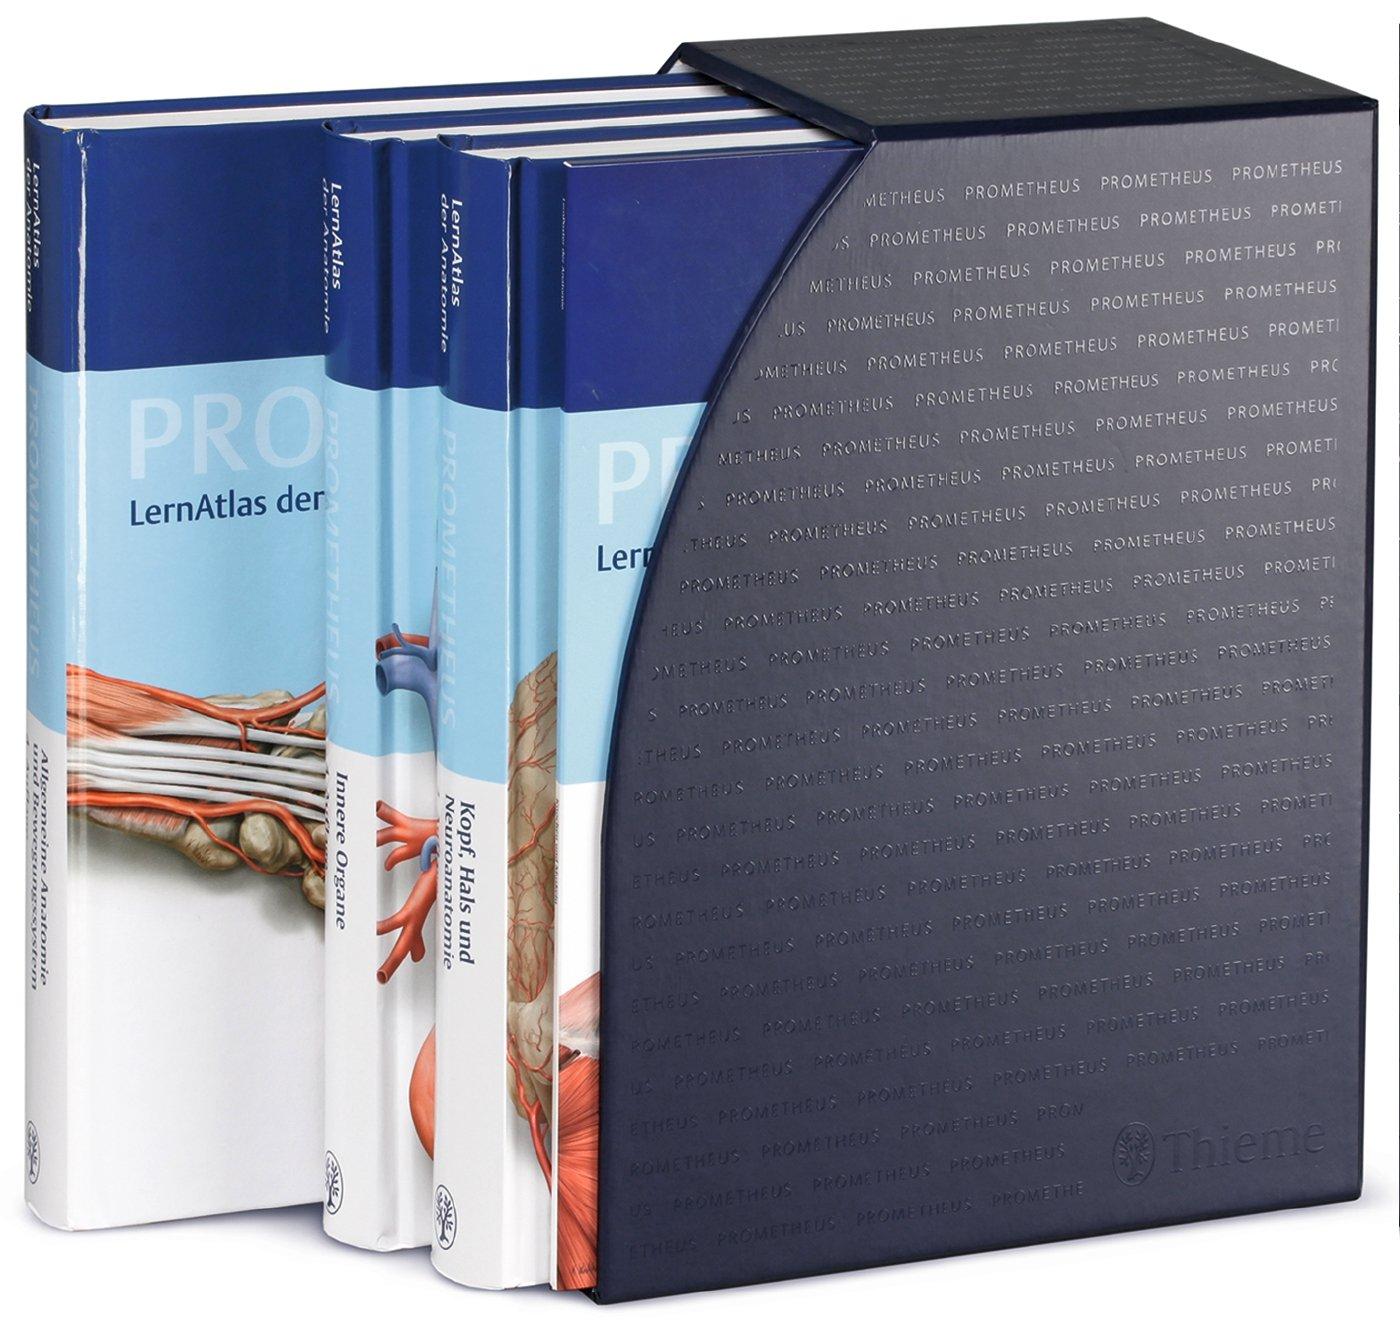 PROMETHEUS LernPaket Anatomie: LernAtlas Anatomie 3 Bände im ...